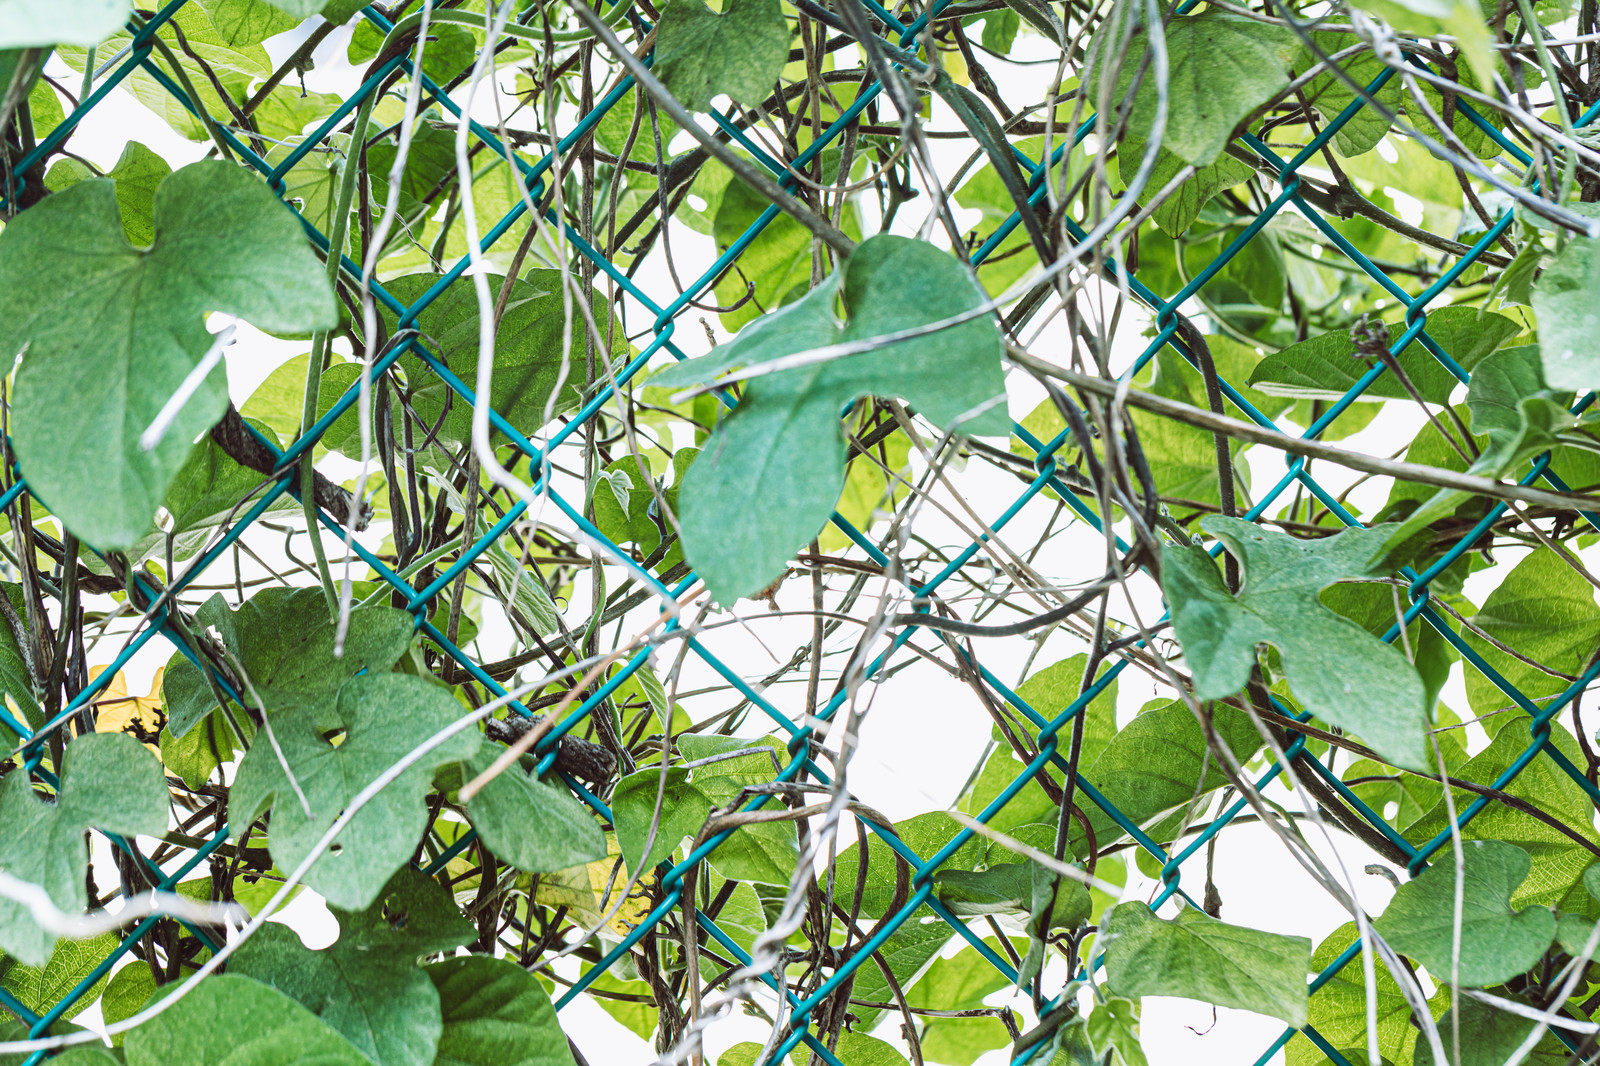 「フェンスに巻き付くツタ類」の写真